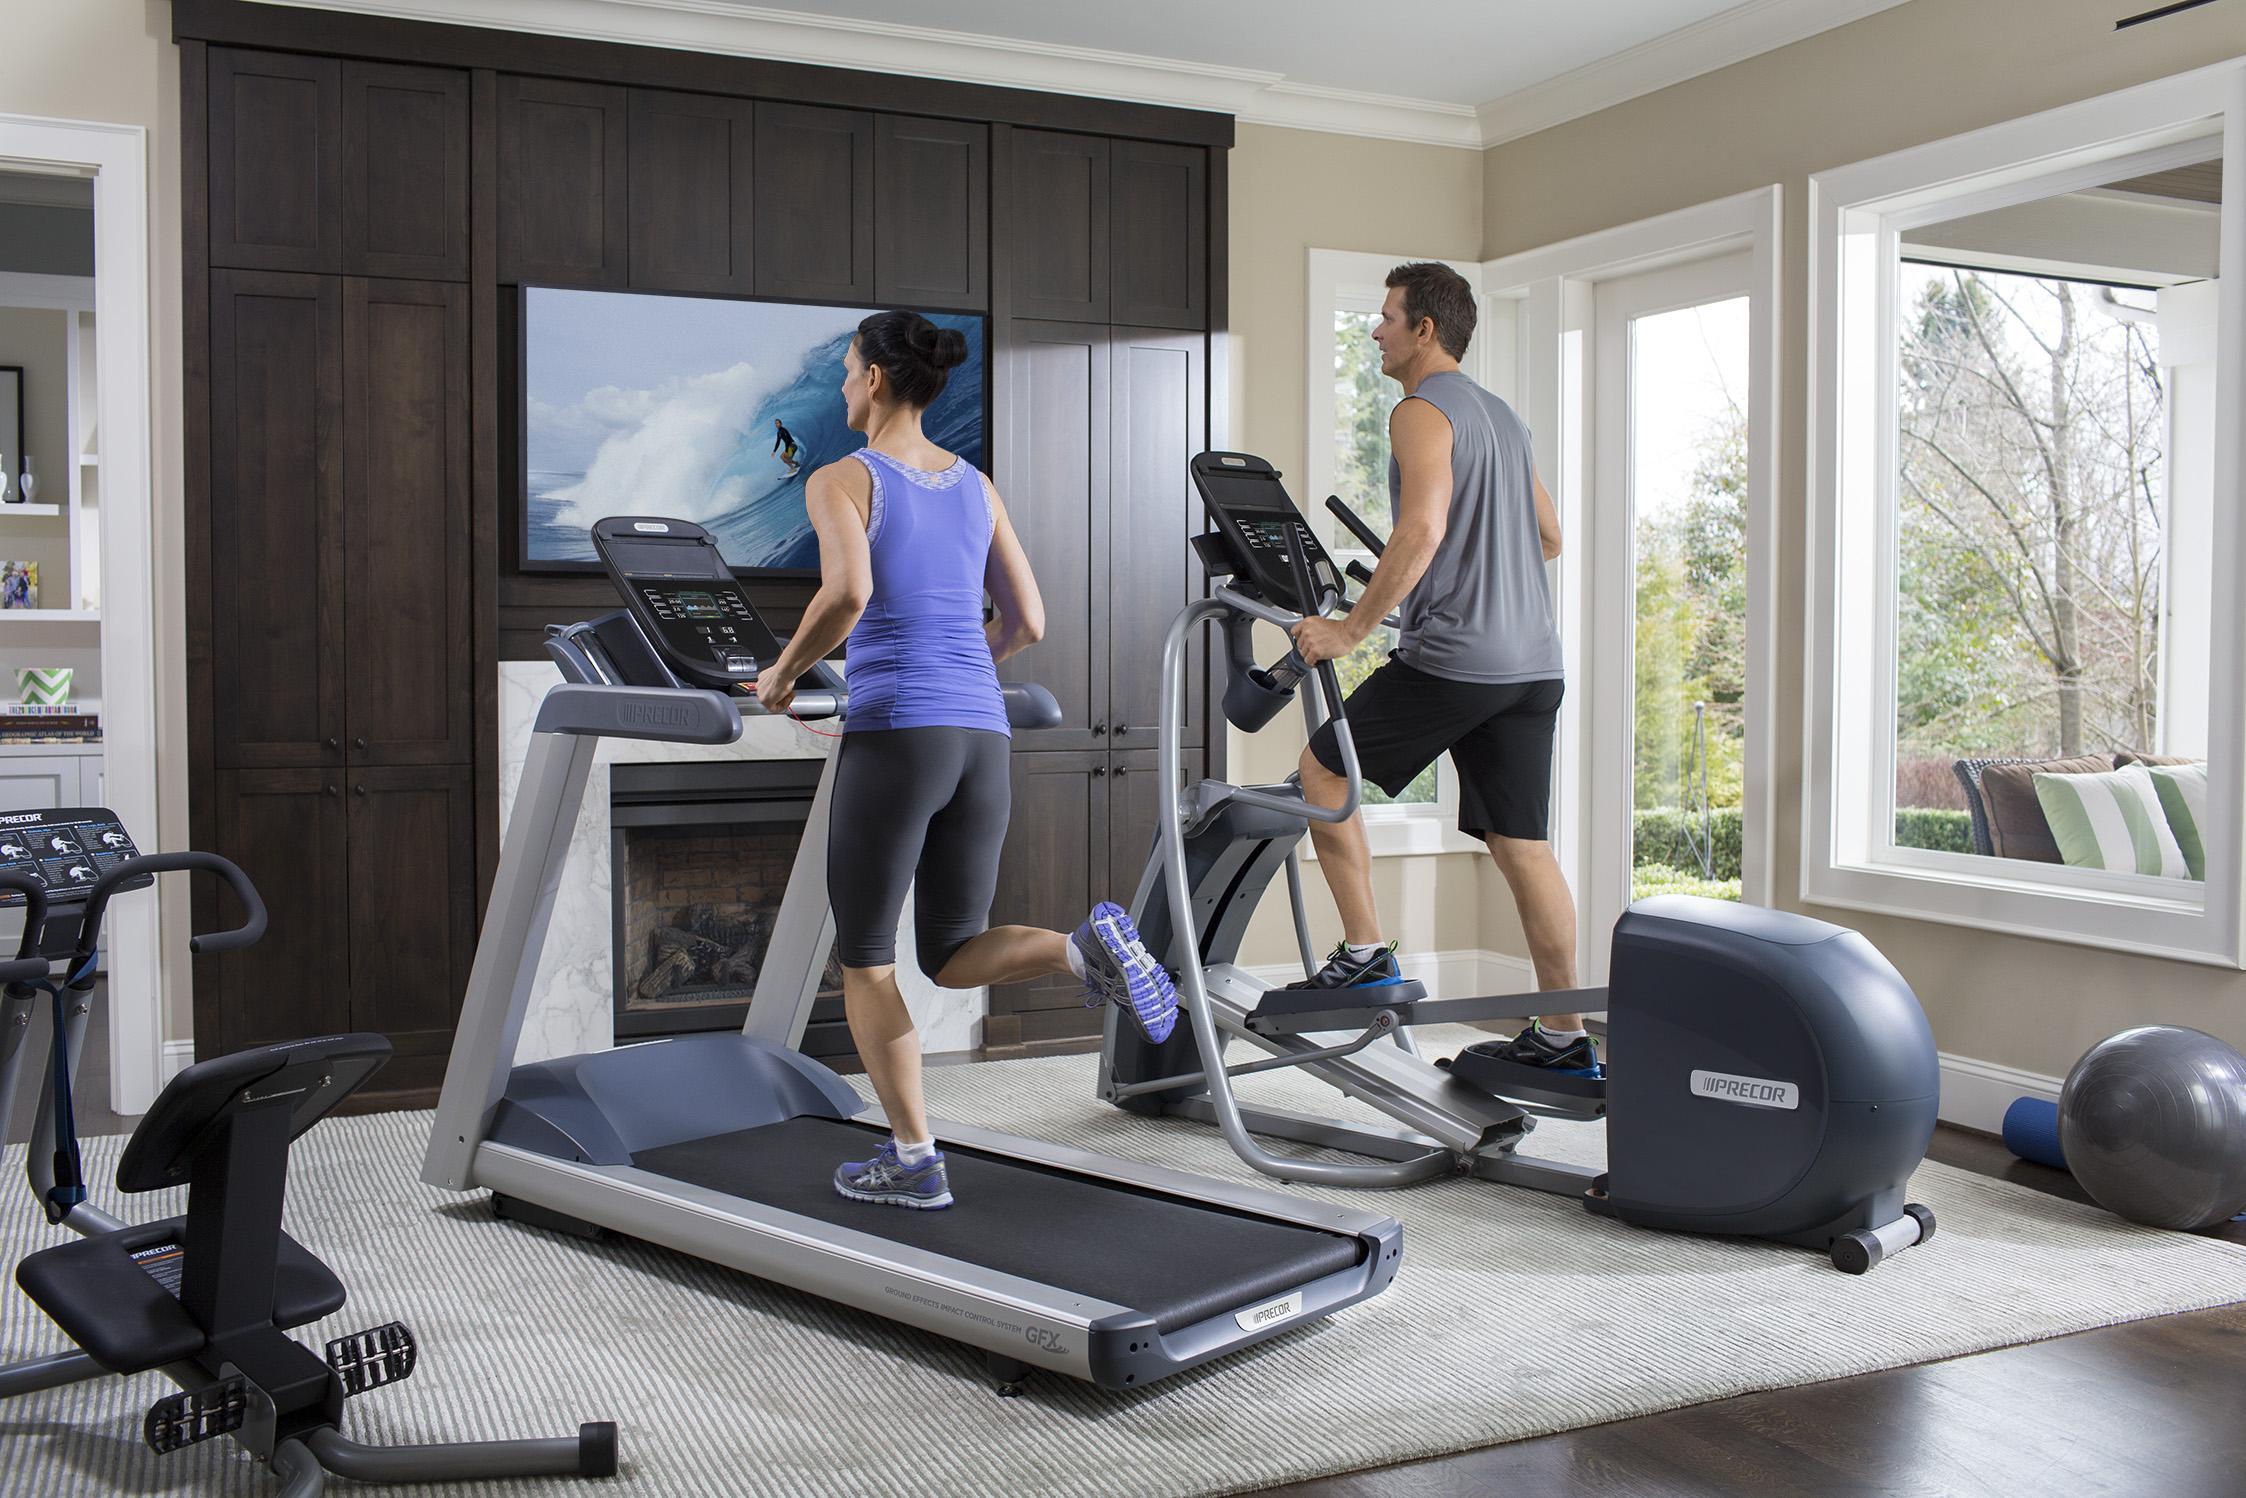 Adaptar los entrenamientos del gimnasio a casa